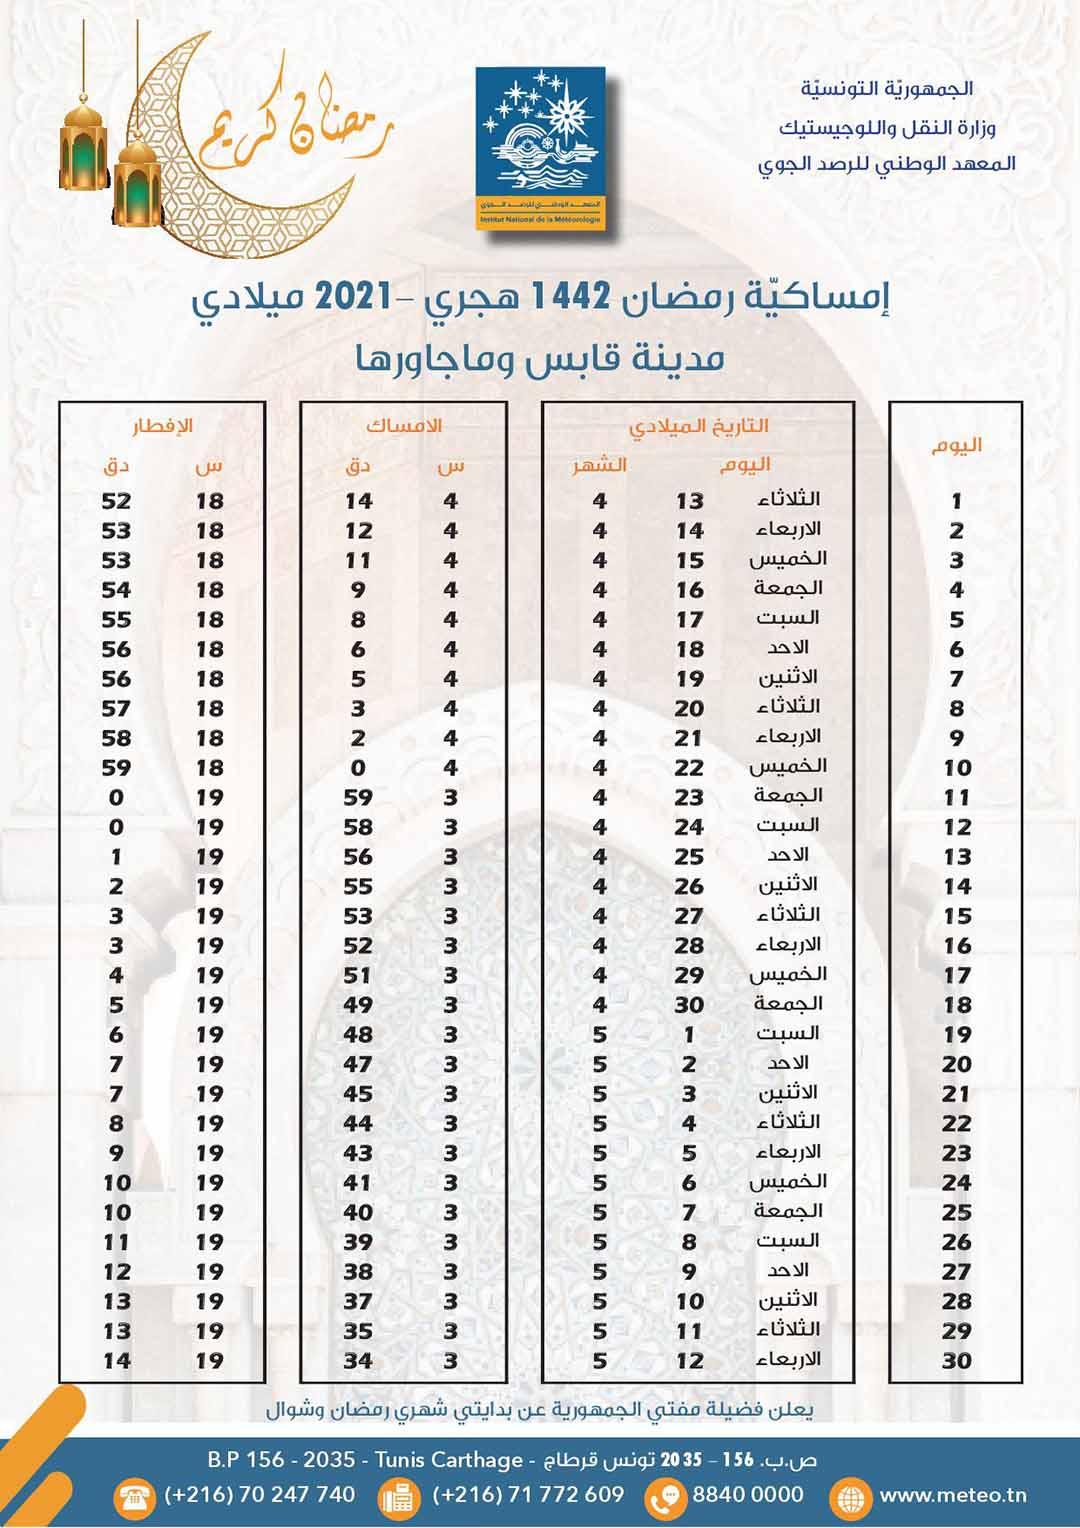 مواعيد الافطار و السحور في ولاية قابس رمضان 2021 1 - هام: مواعيد الافطار والامساك لشهر رمضان حسب الولايات..